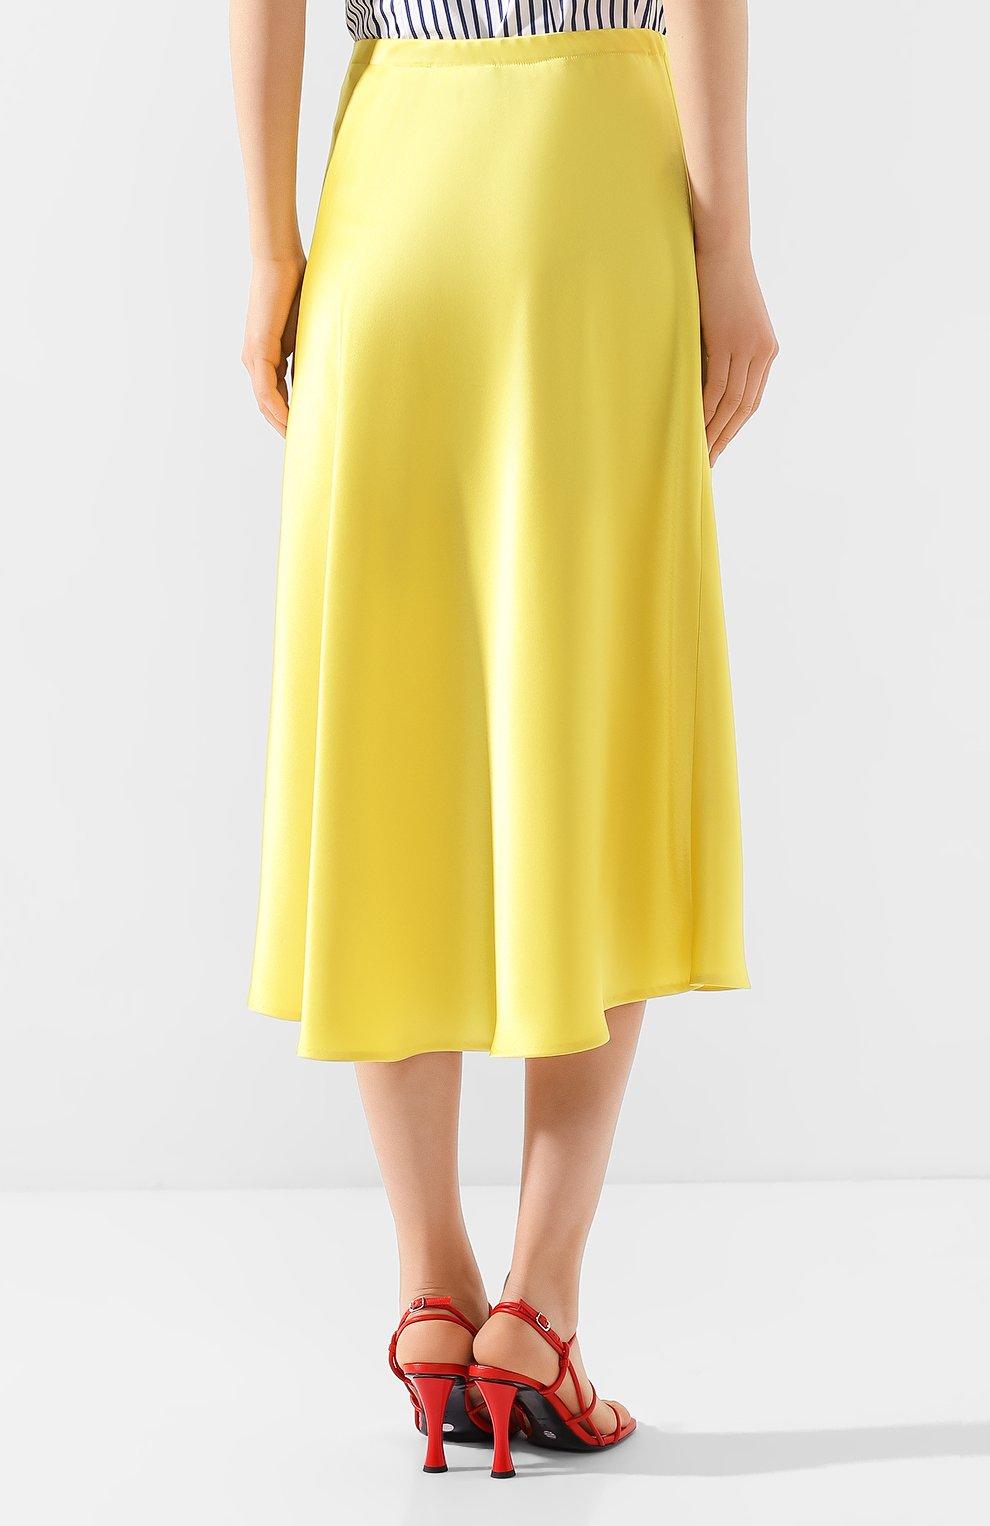 Женская юбка-миди ESCADA желтого цвета, арт. 5032905   Фото 4 (Материал внешний: Синтетический материал; Длина Ж (юбки, платья, шорты): Миди)